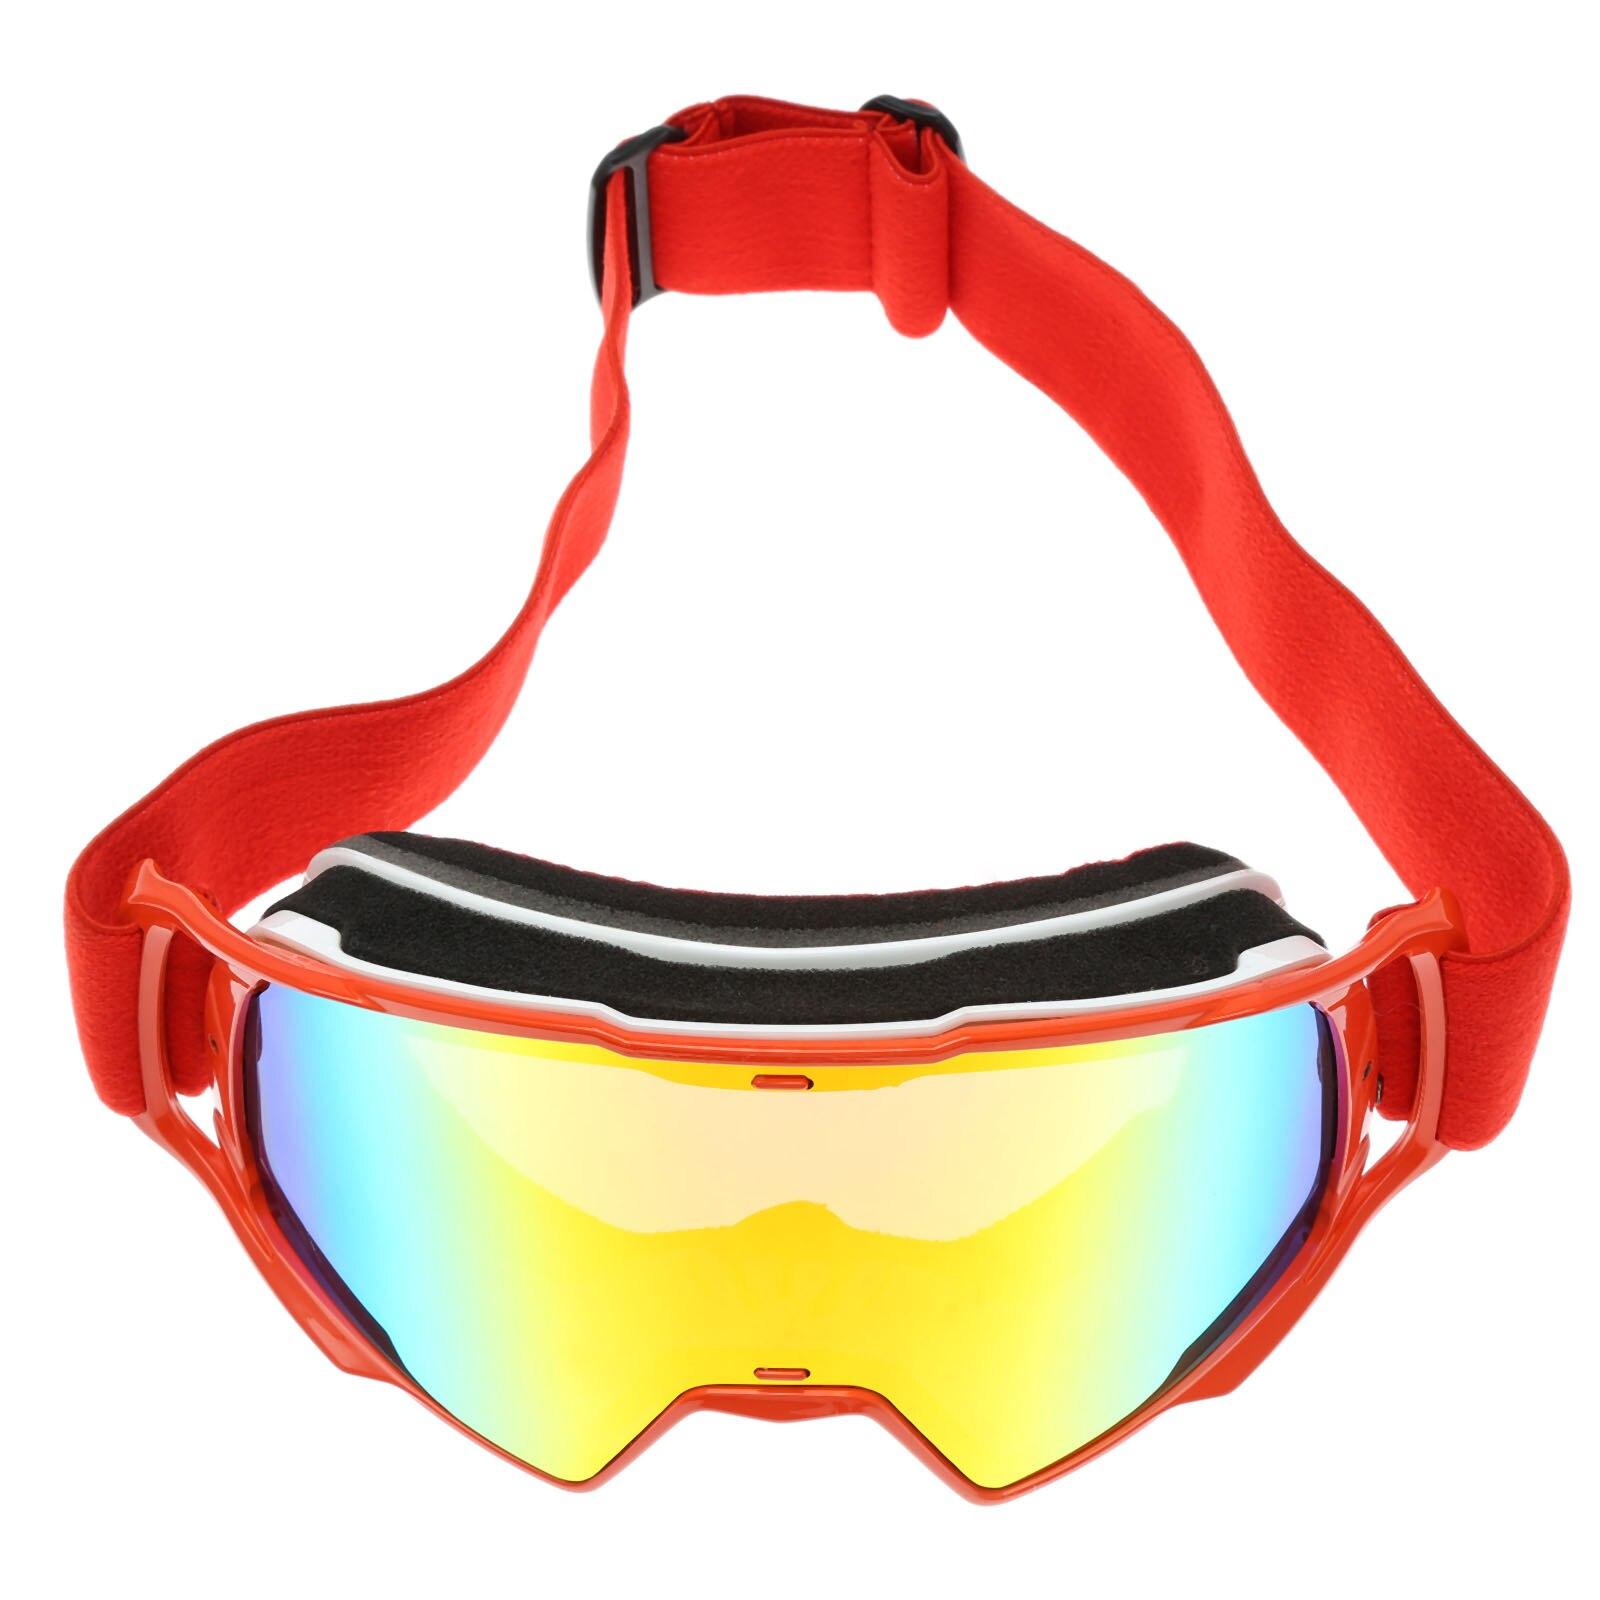 Новый анти-УФ мотоцикл очки Очки Мотокросс Лыжный Спорт Googles страна Солнцезащитные очки для женщин тонированные сноуборд ATV Очки Off-Road очки